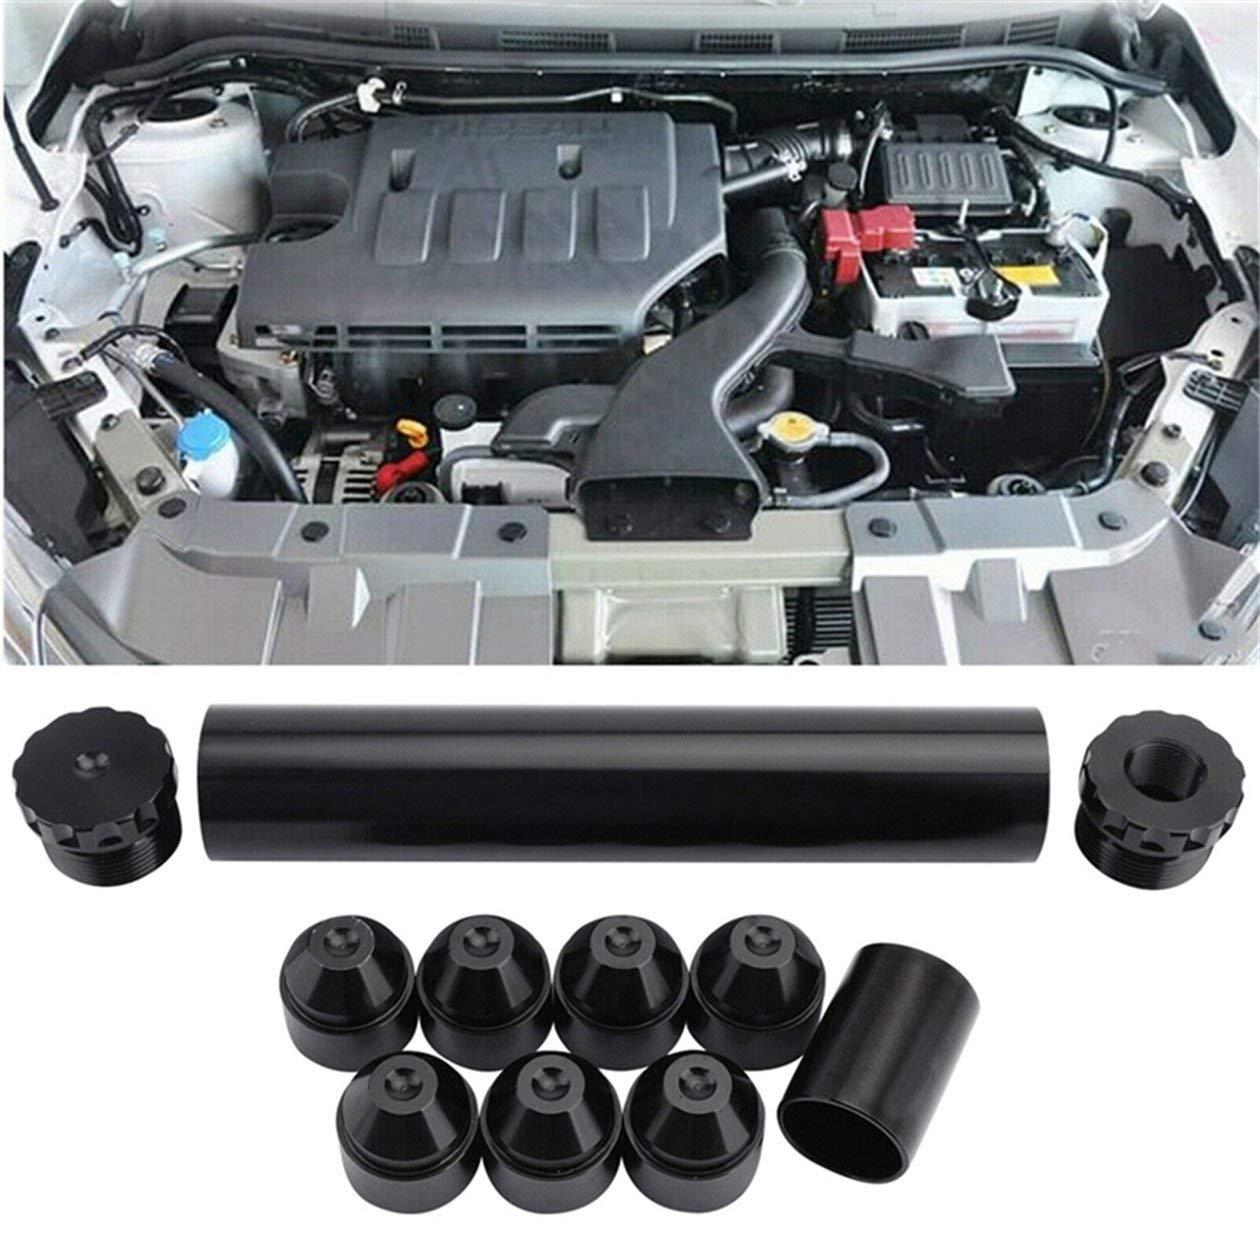 1//2-28 NAPA 4003 WIX 24003 Filtro carburante Trappola solvente in alluminio Nero Automobiles Filtri Parti Filtri carburante colore: nero